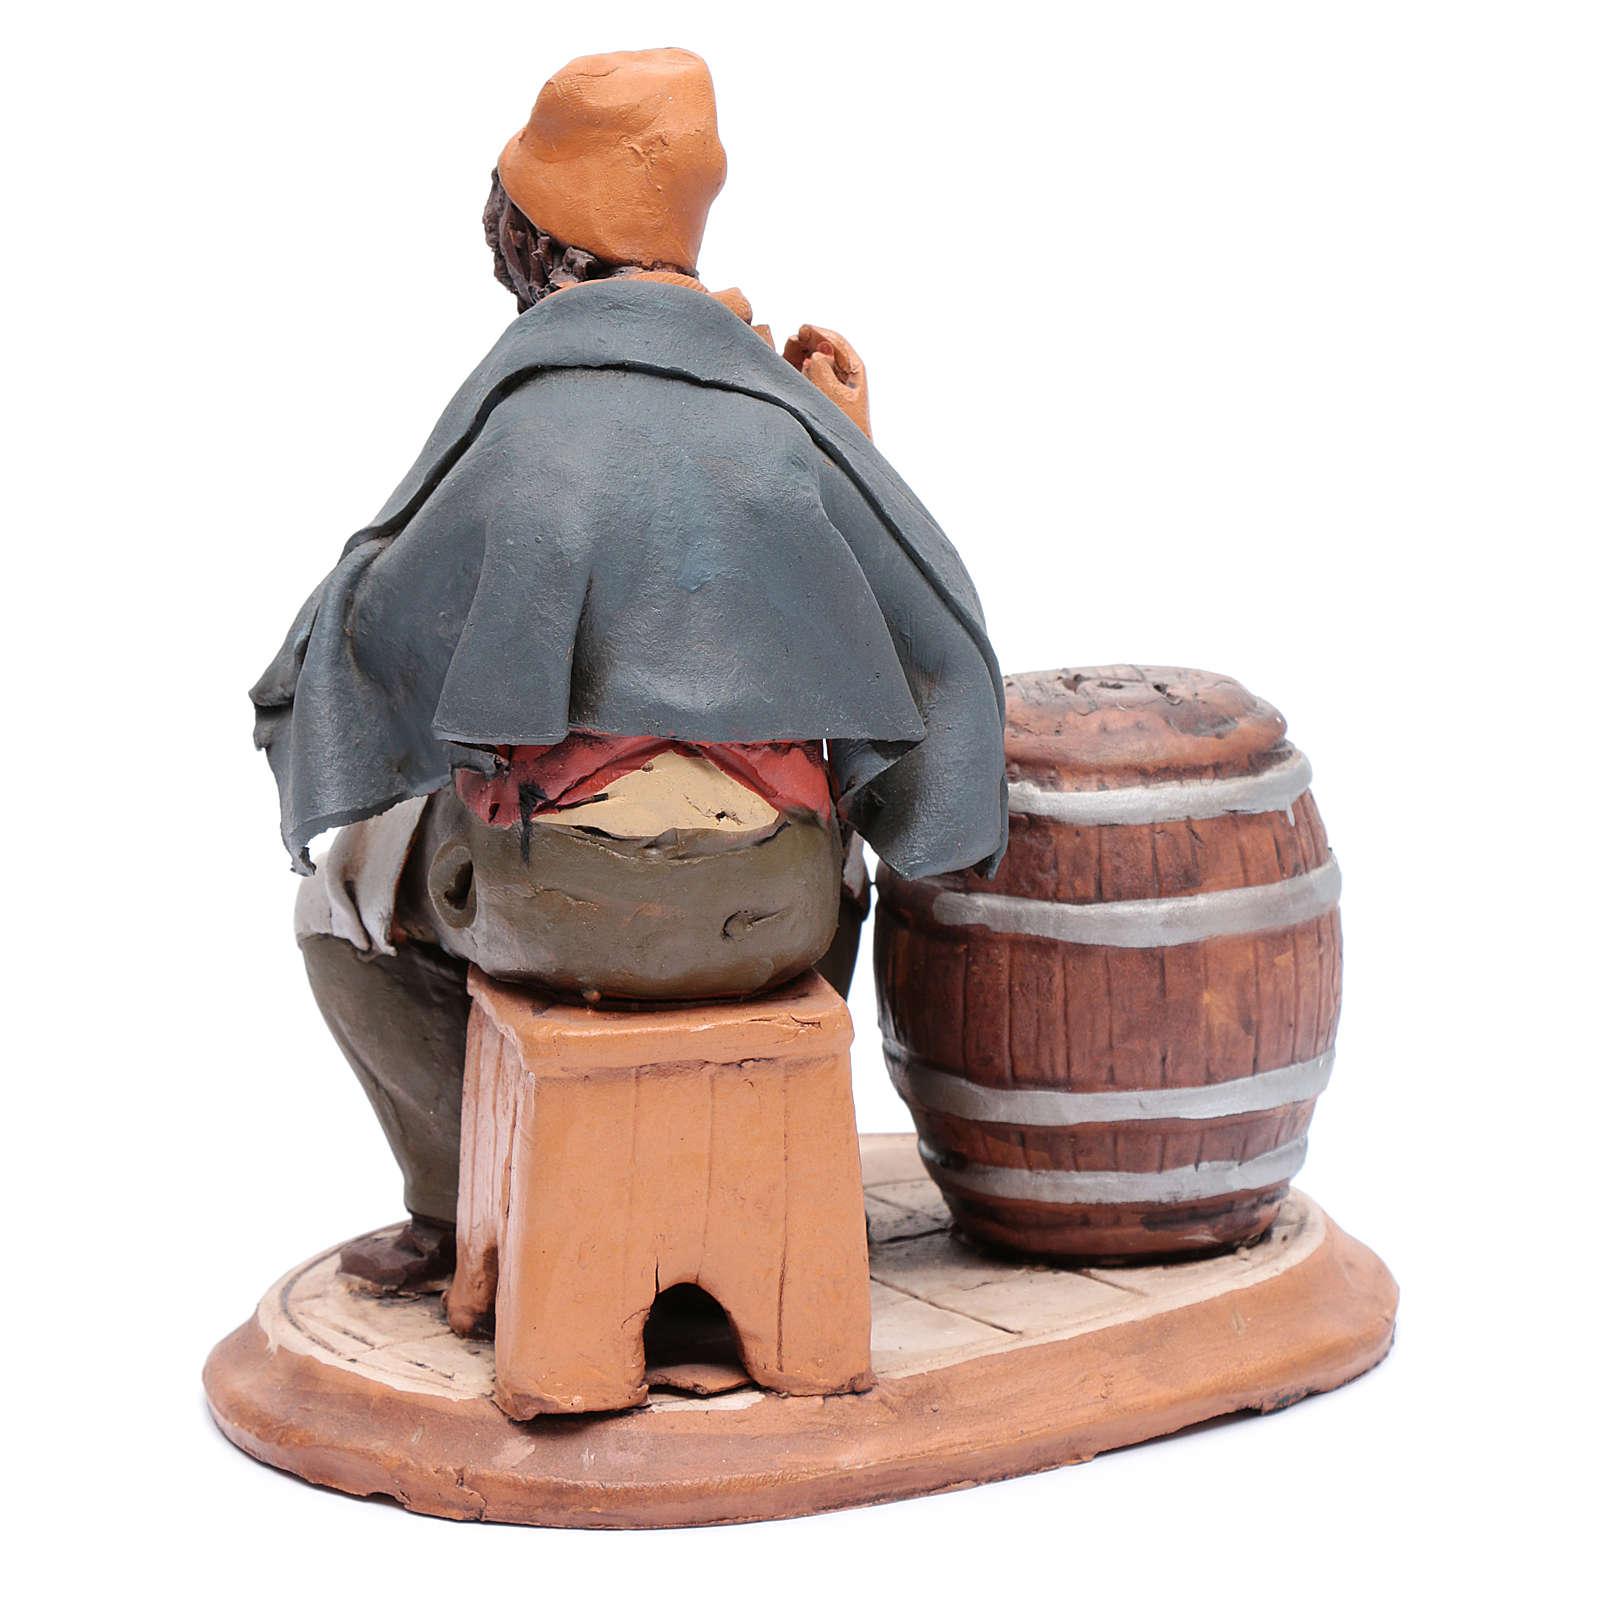 Uomo aggiusta botti terracotta per presepe Deruta 30 cm 4